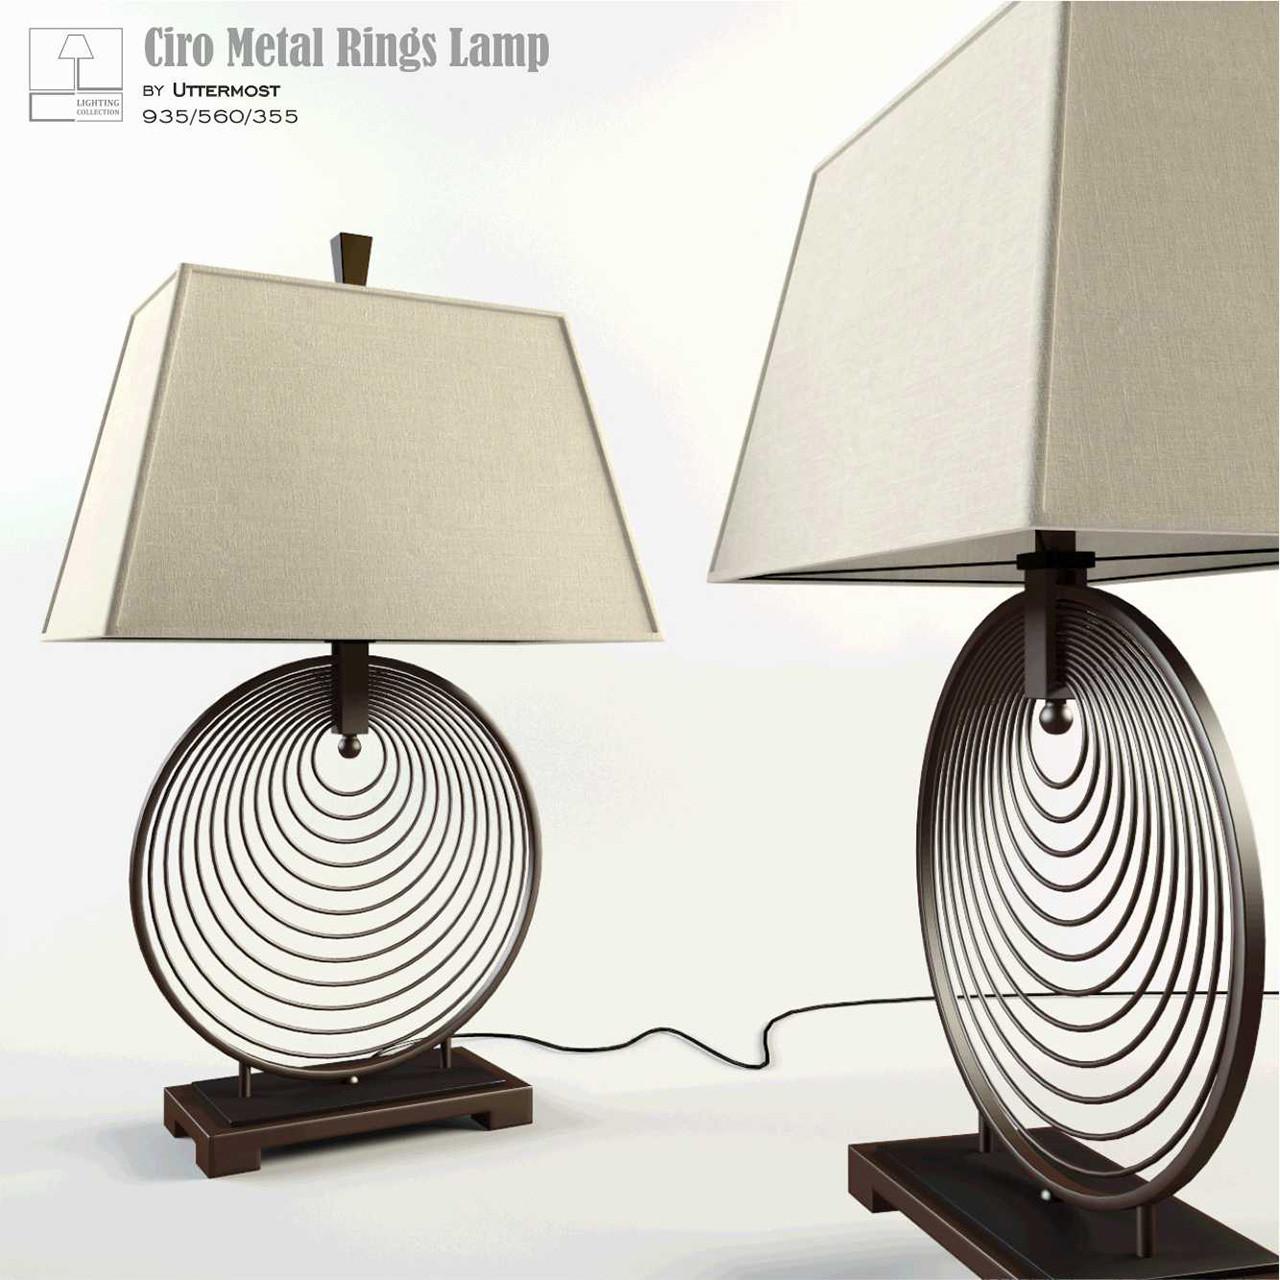 Ciro Metal Rings Lamp